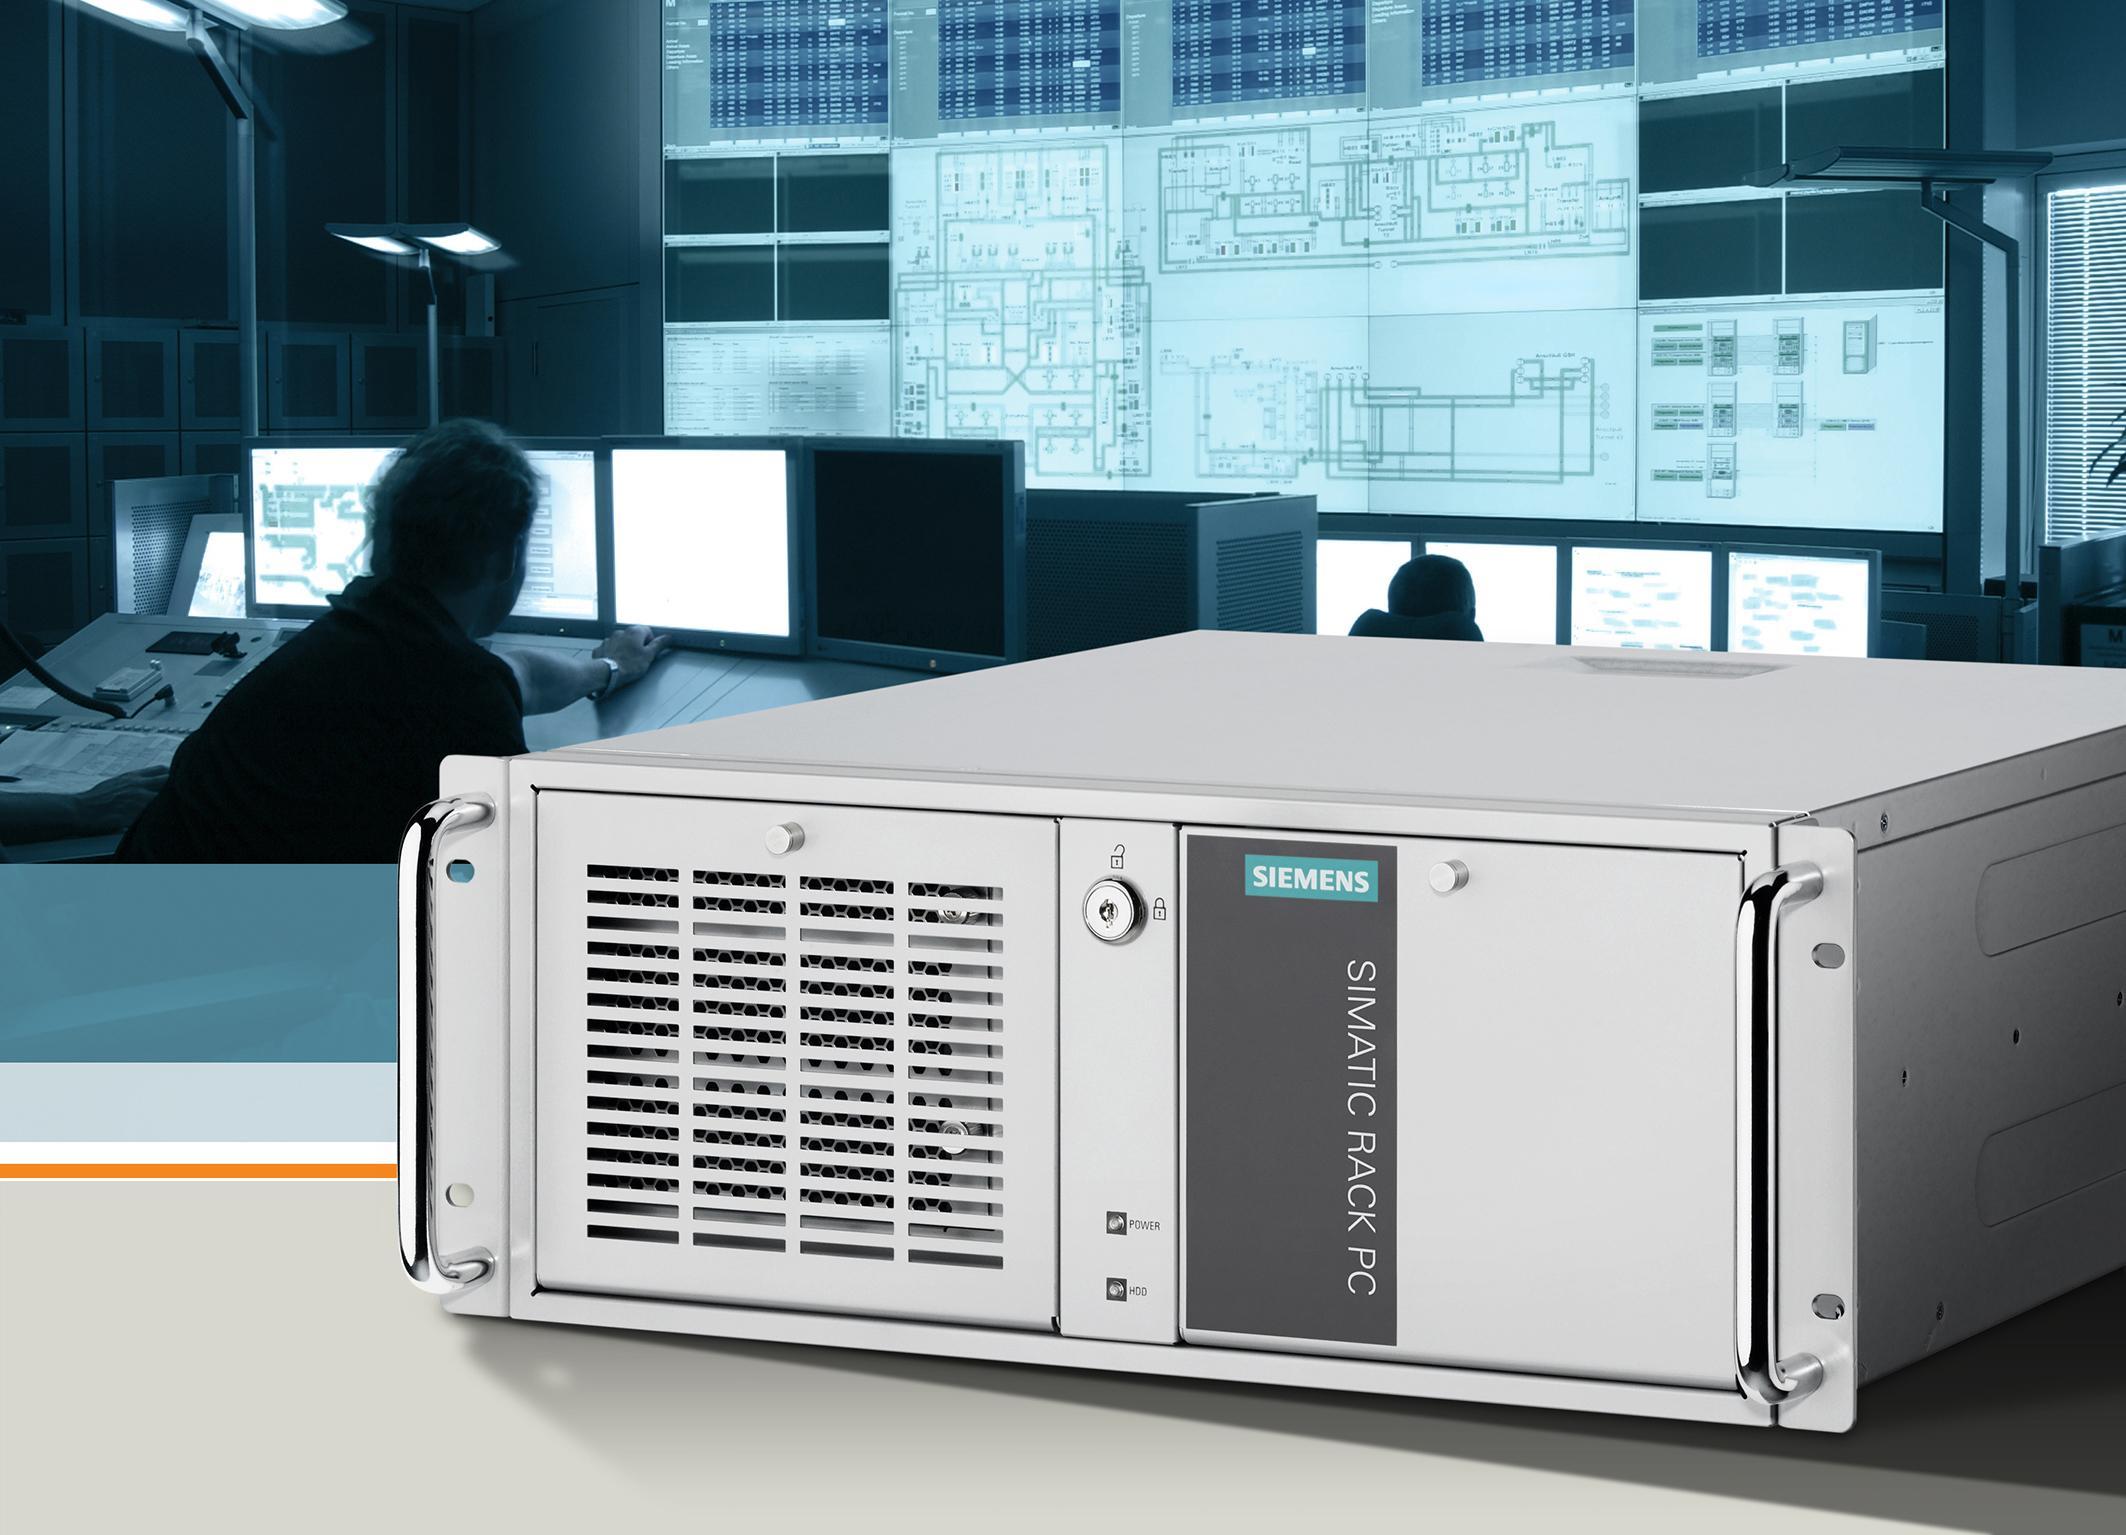 Принципы построения компьютерной системы автоматизации шахтной компрессорной станции